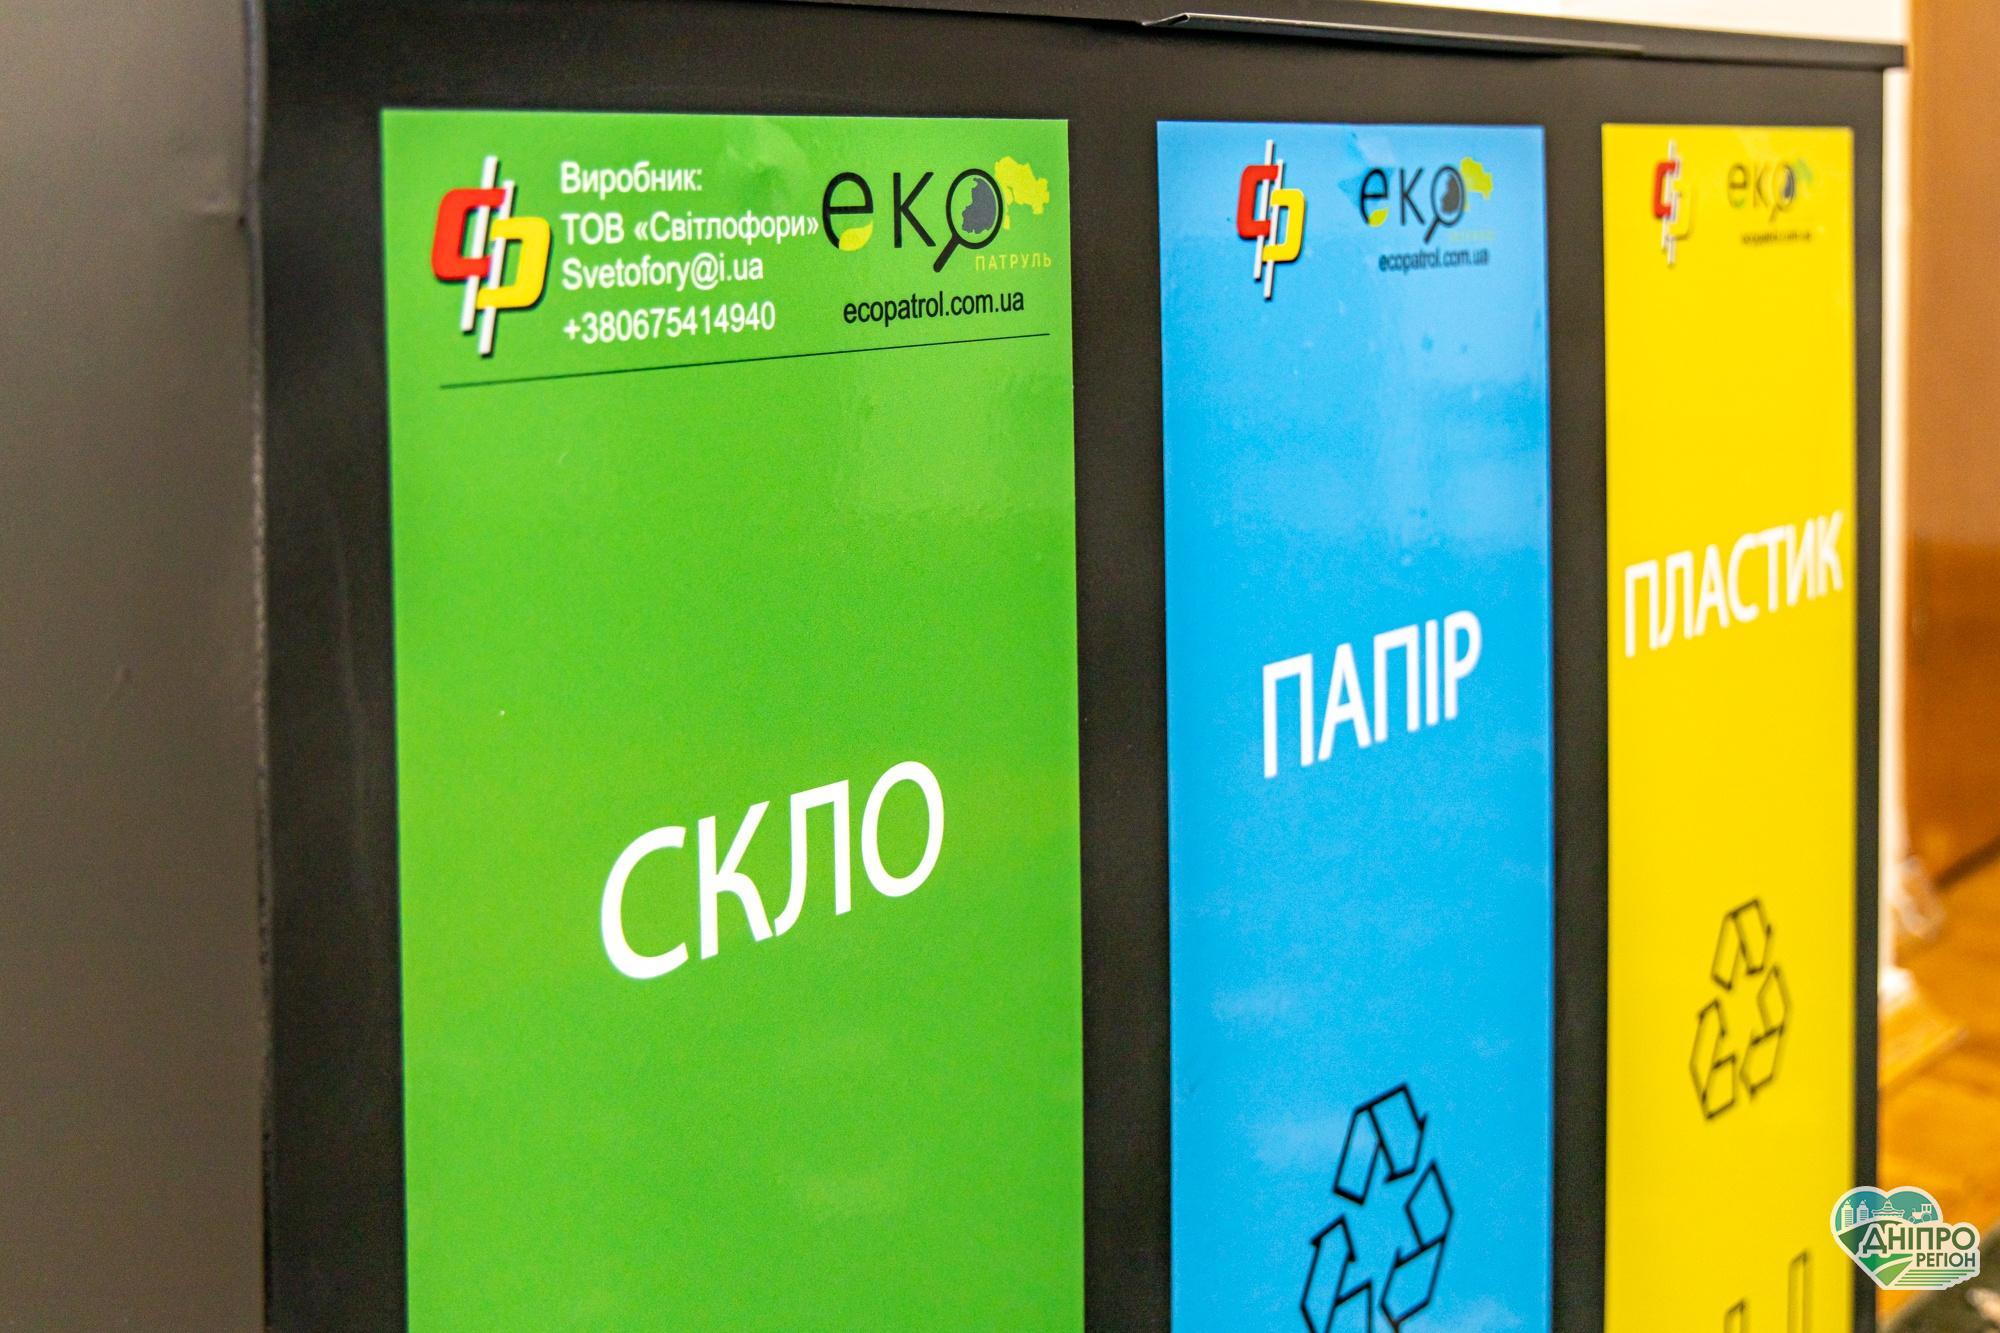 У Дніпропетровській ОДА встановили контейнери для сортування сміття